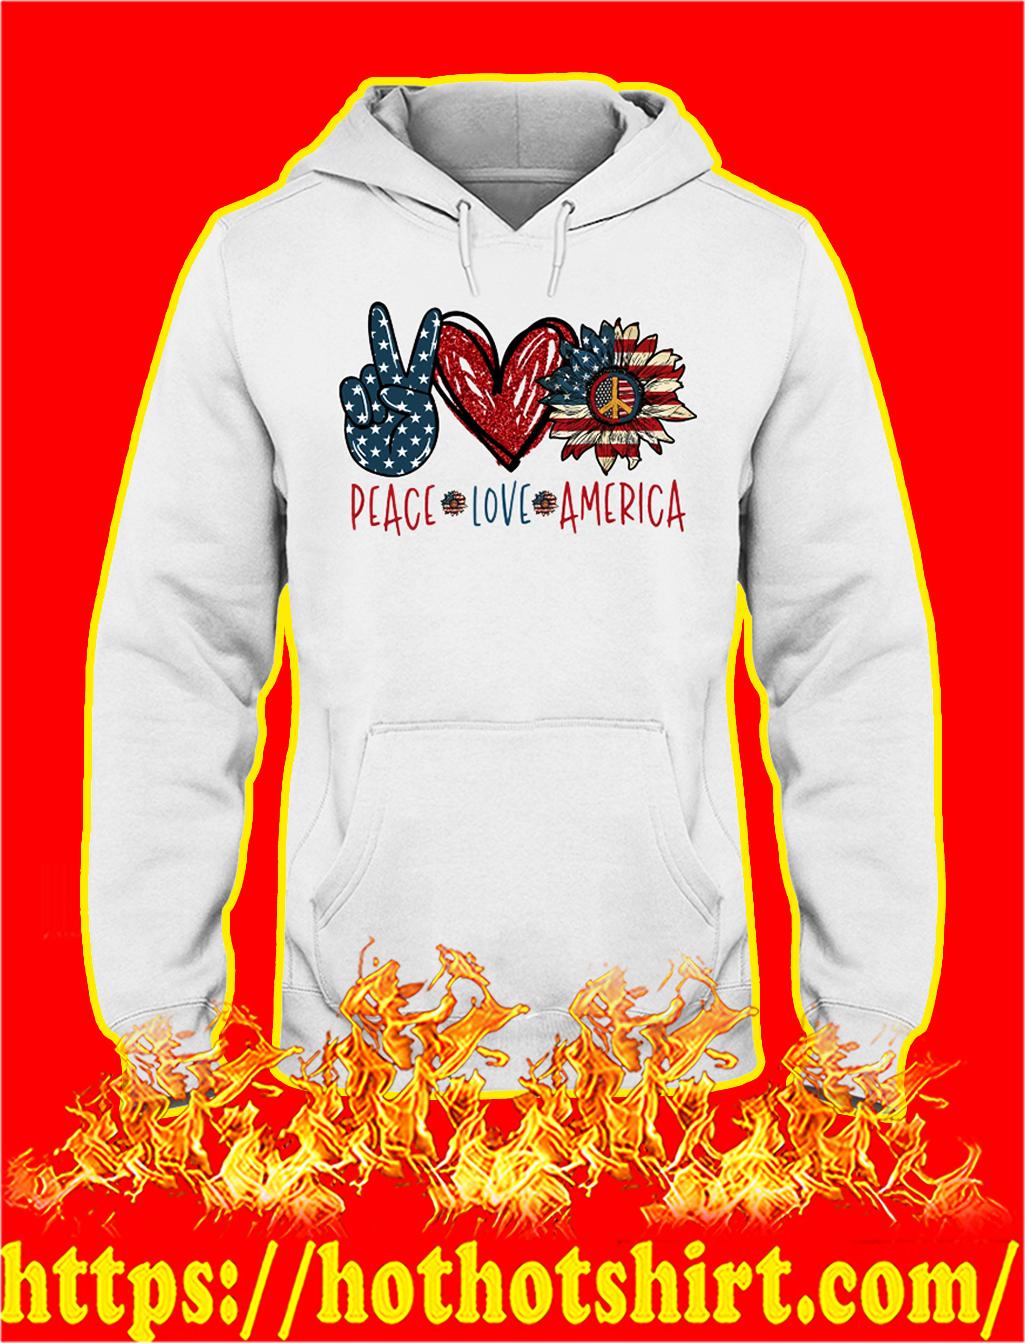 Peace love america american flag hoodie